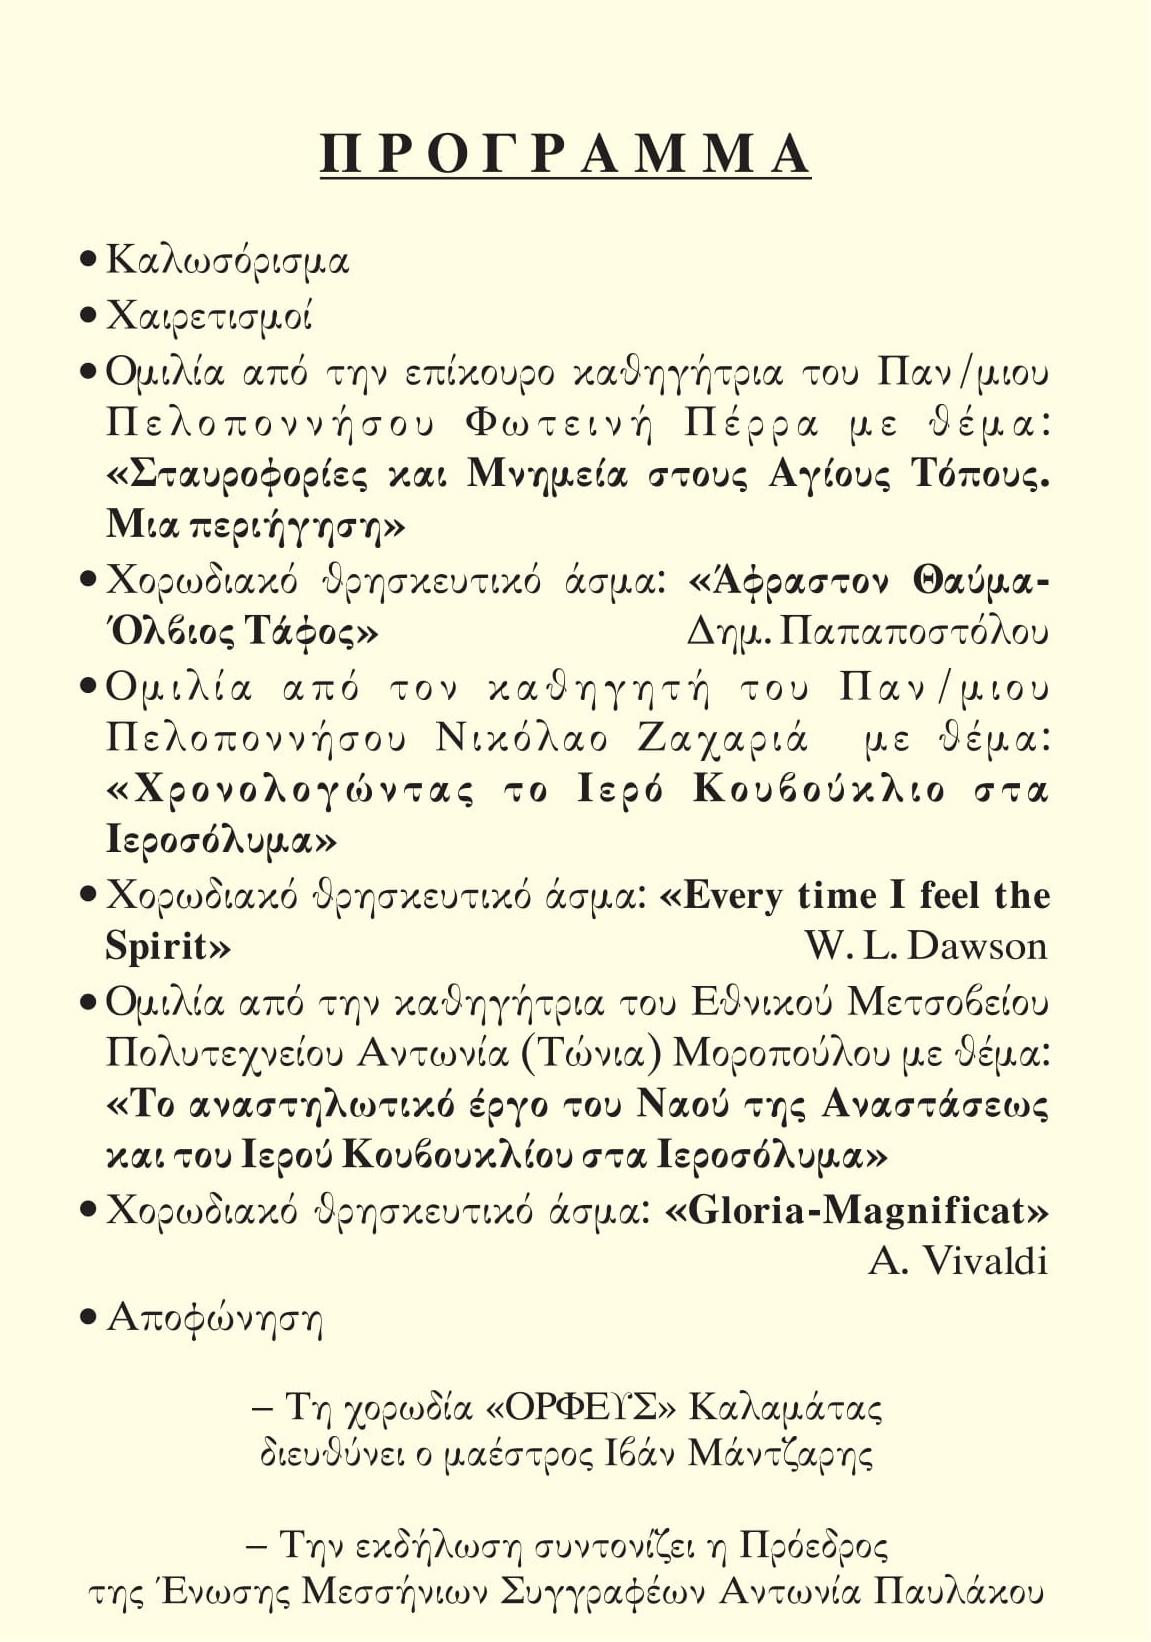 Εκδήλωση: «Μνημεία των Αγίων Τόπων και το αναστηλωτικό έργο του Ιερού Κουβουκλίου στα Ιεροσόλυμα» 3